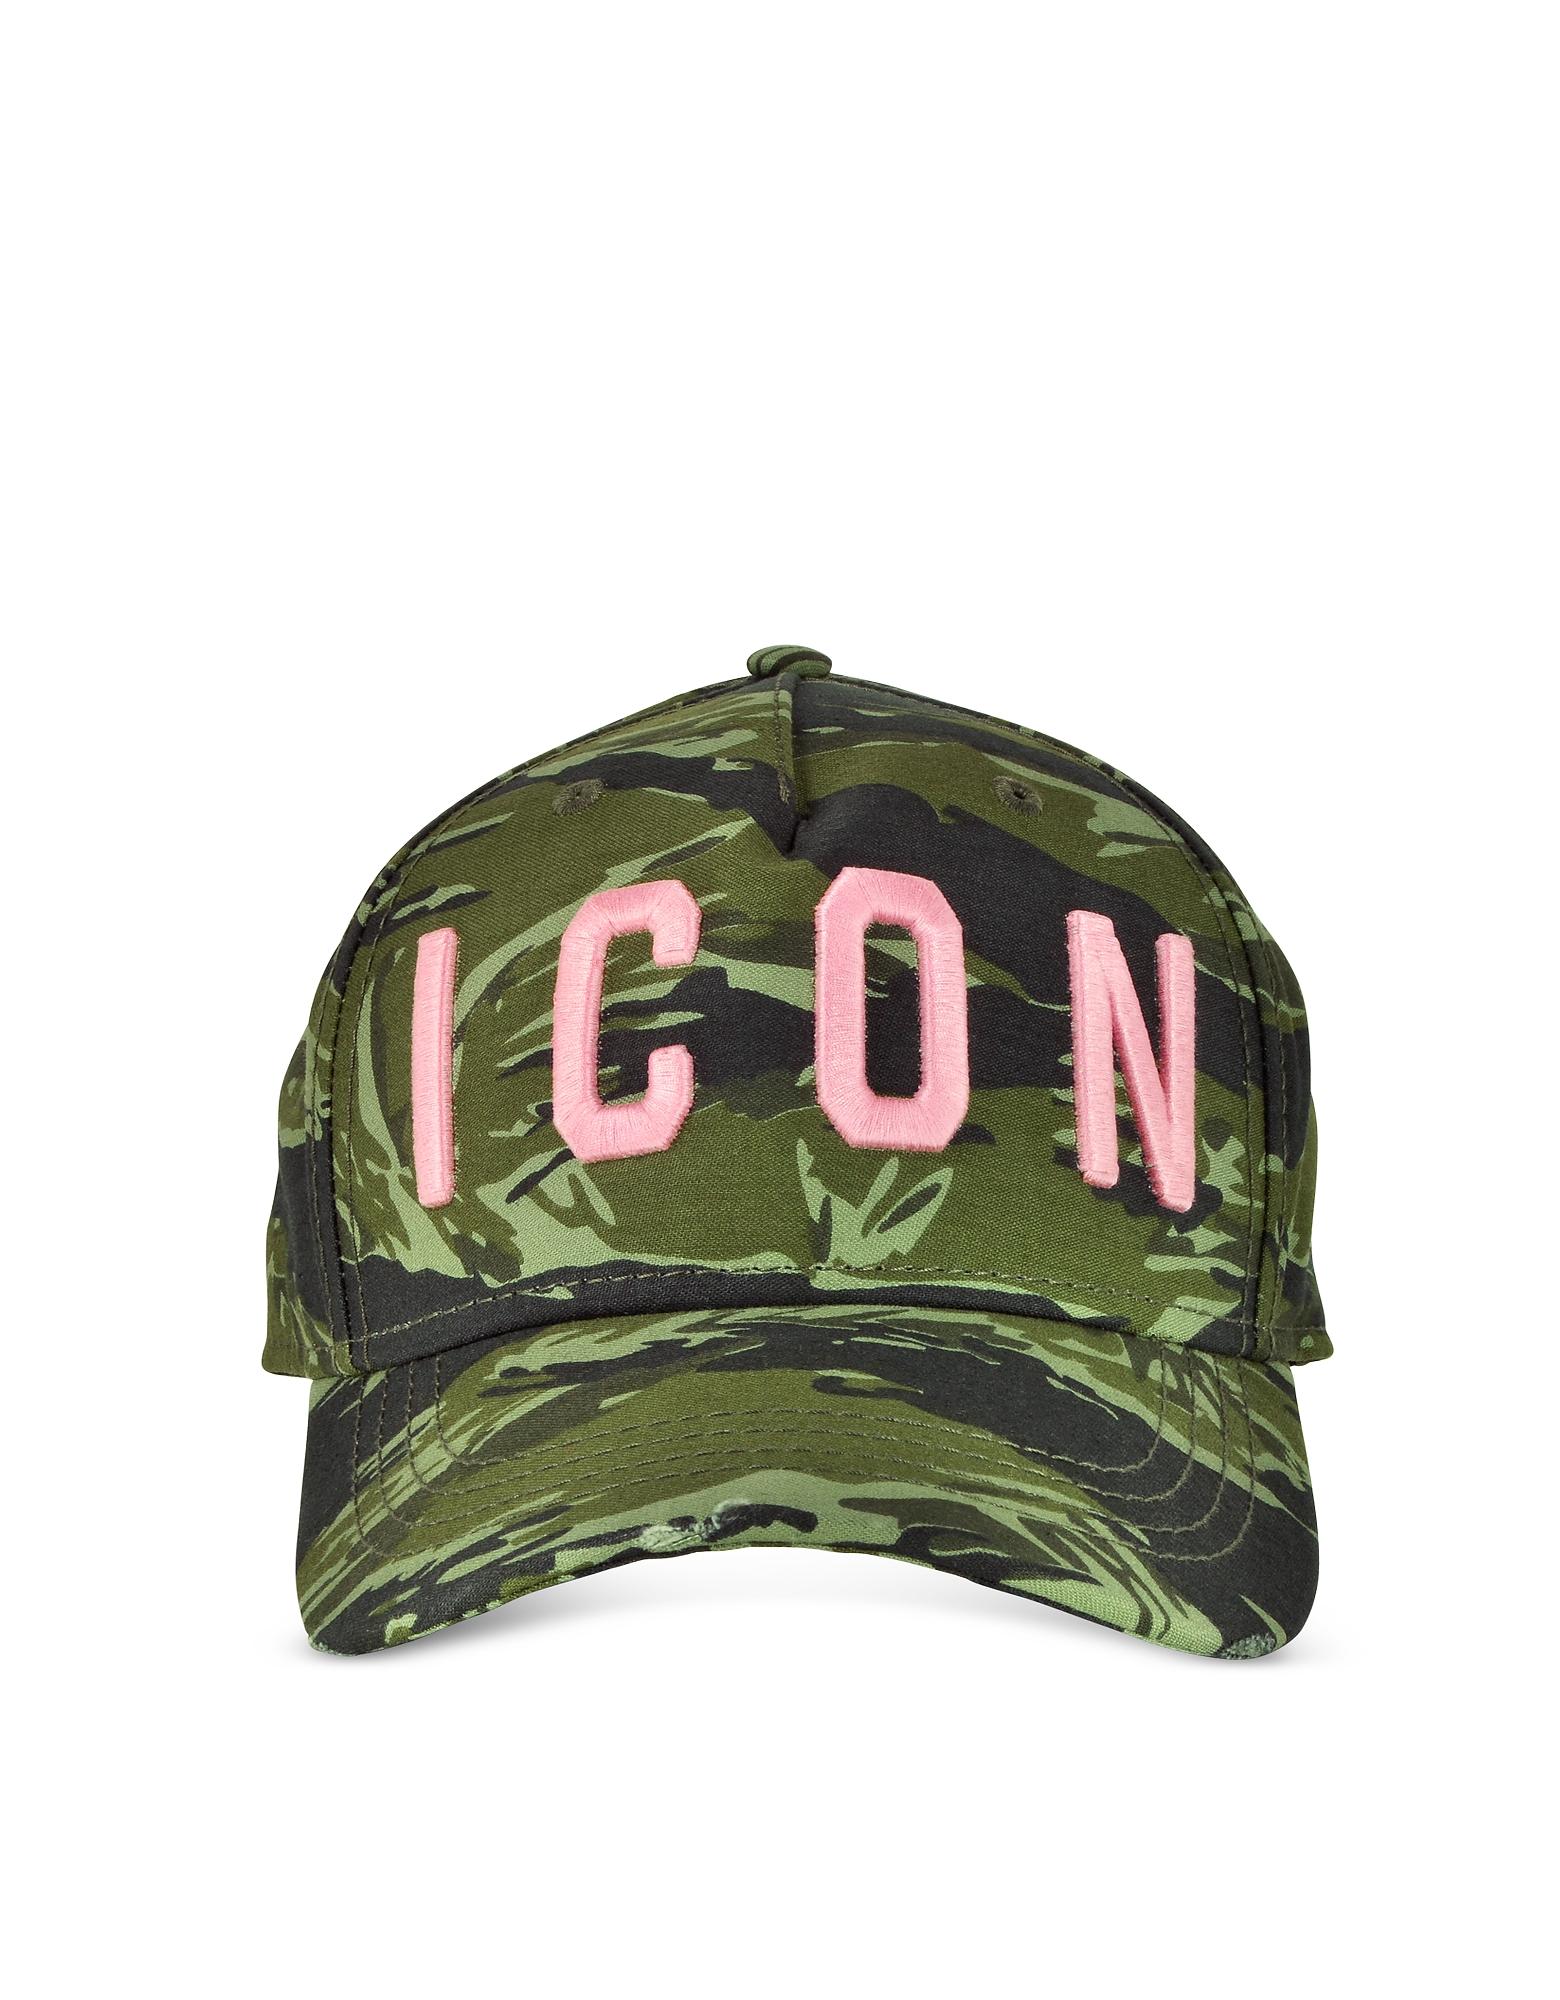 Dsquared2 EMBROIDERED ICON LOGO CAMOUFLAGE GABARDINE BASEBALL CAP